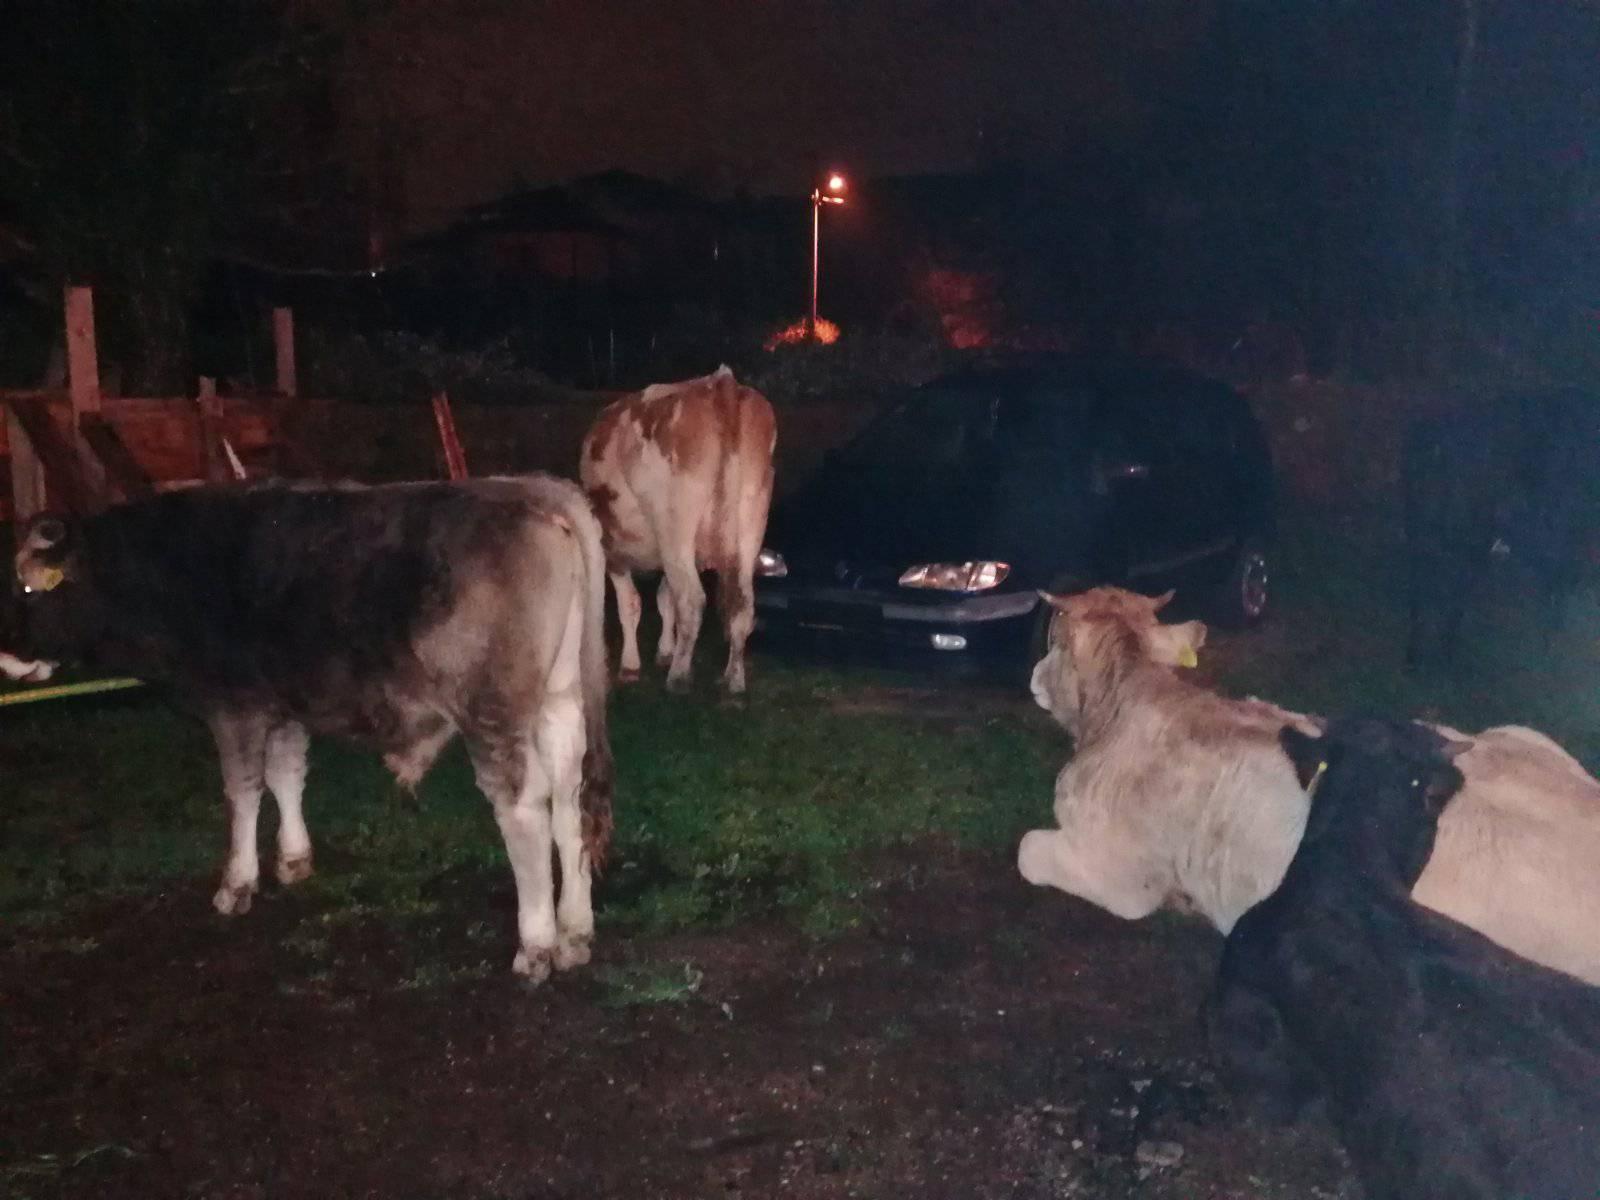 Krave muuuuu ušle u dvorište: 'Probudim se, a njih 11 leži...'